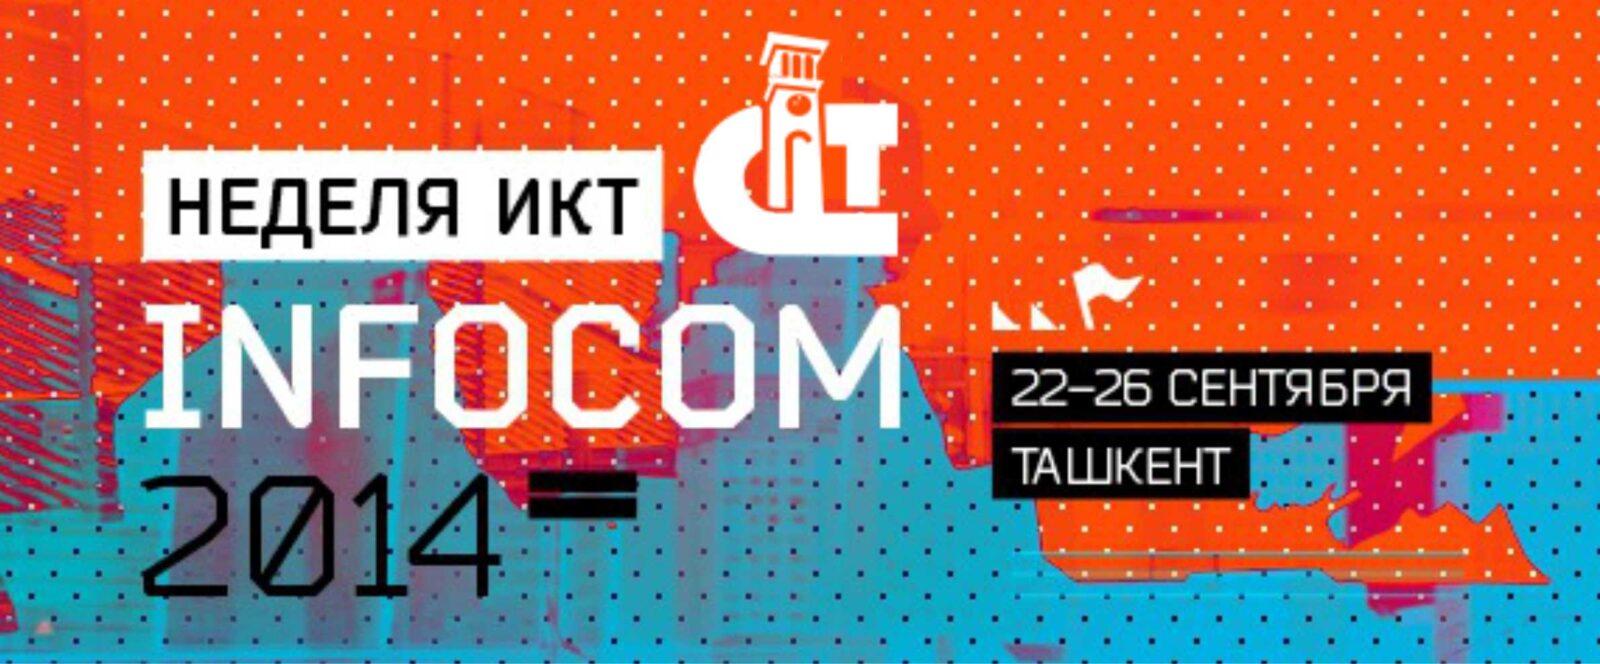 Неделя InfoCom-2014 пройдет 22-26 сентября